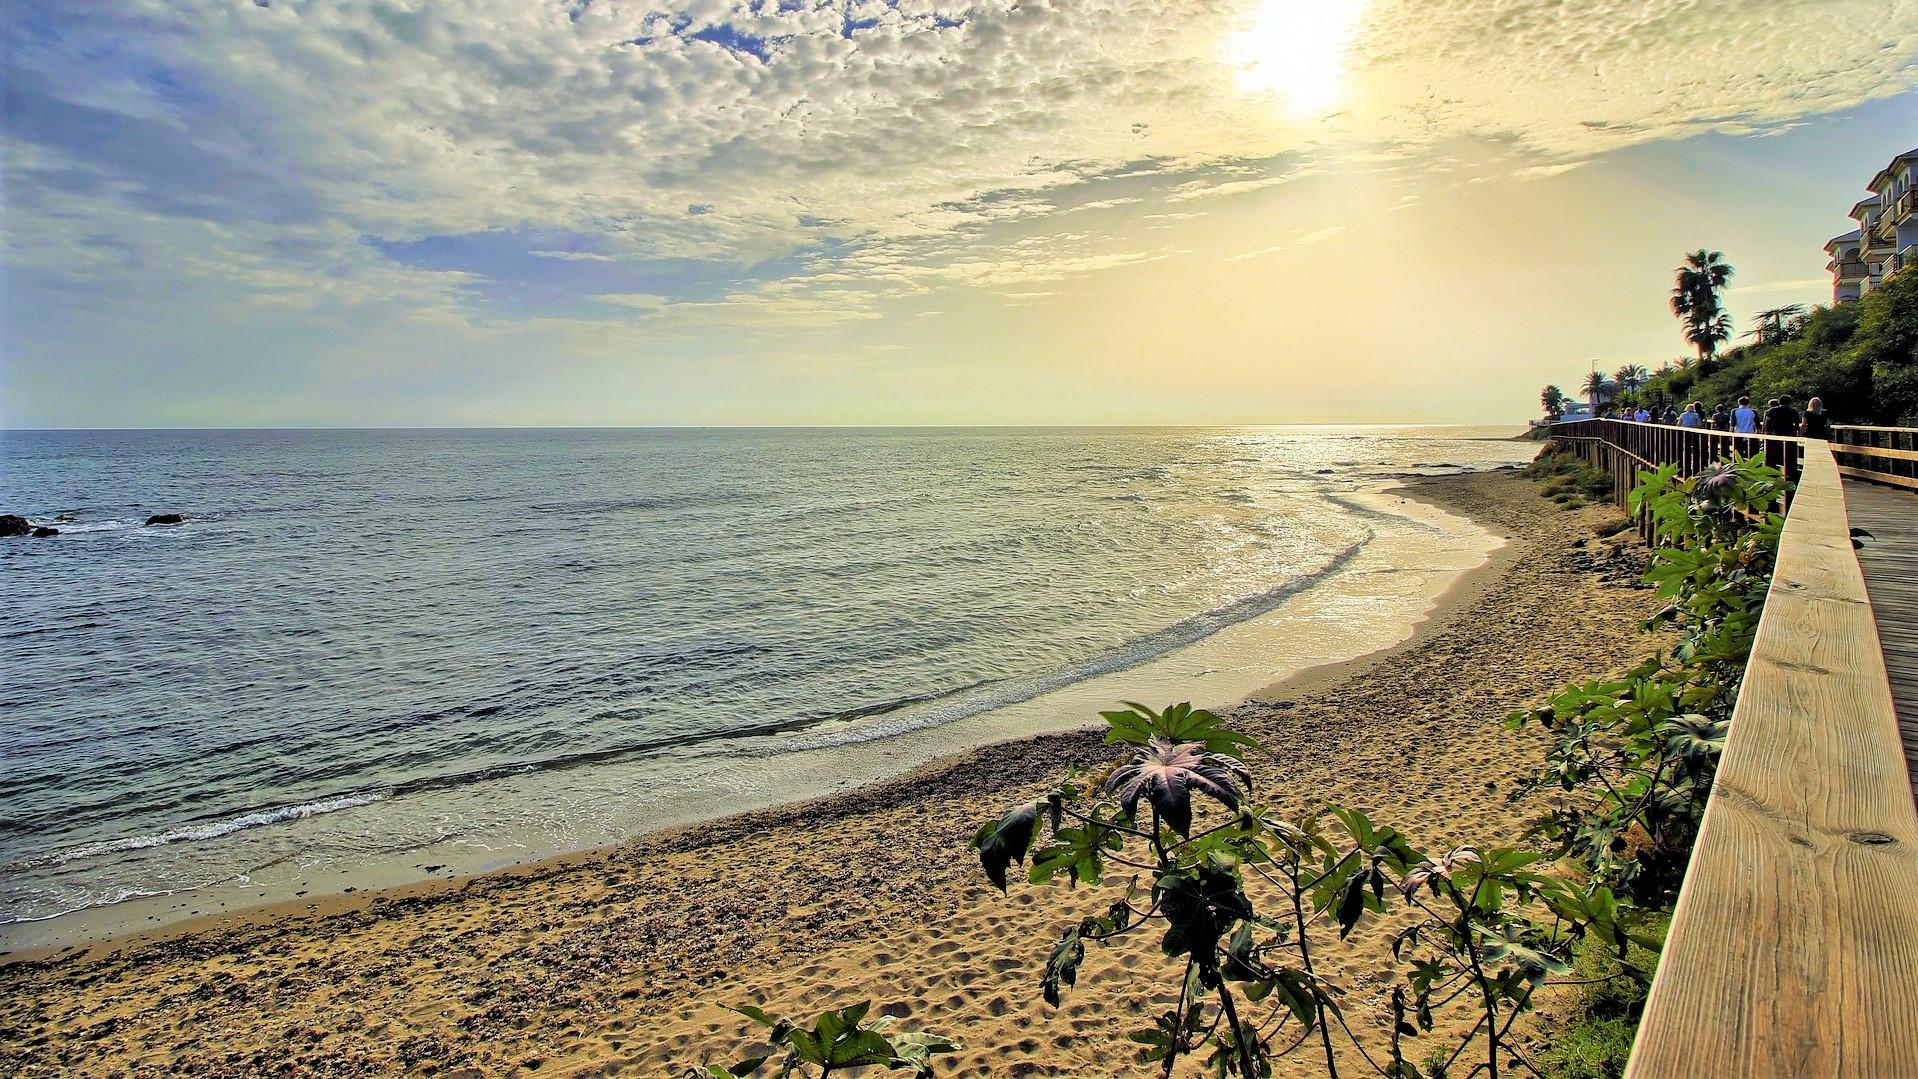 Cala de Mijasin rannikko ehdolla vedenalaiseksi luonnonpuistoksi